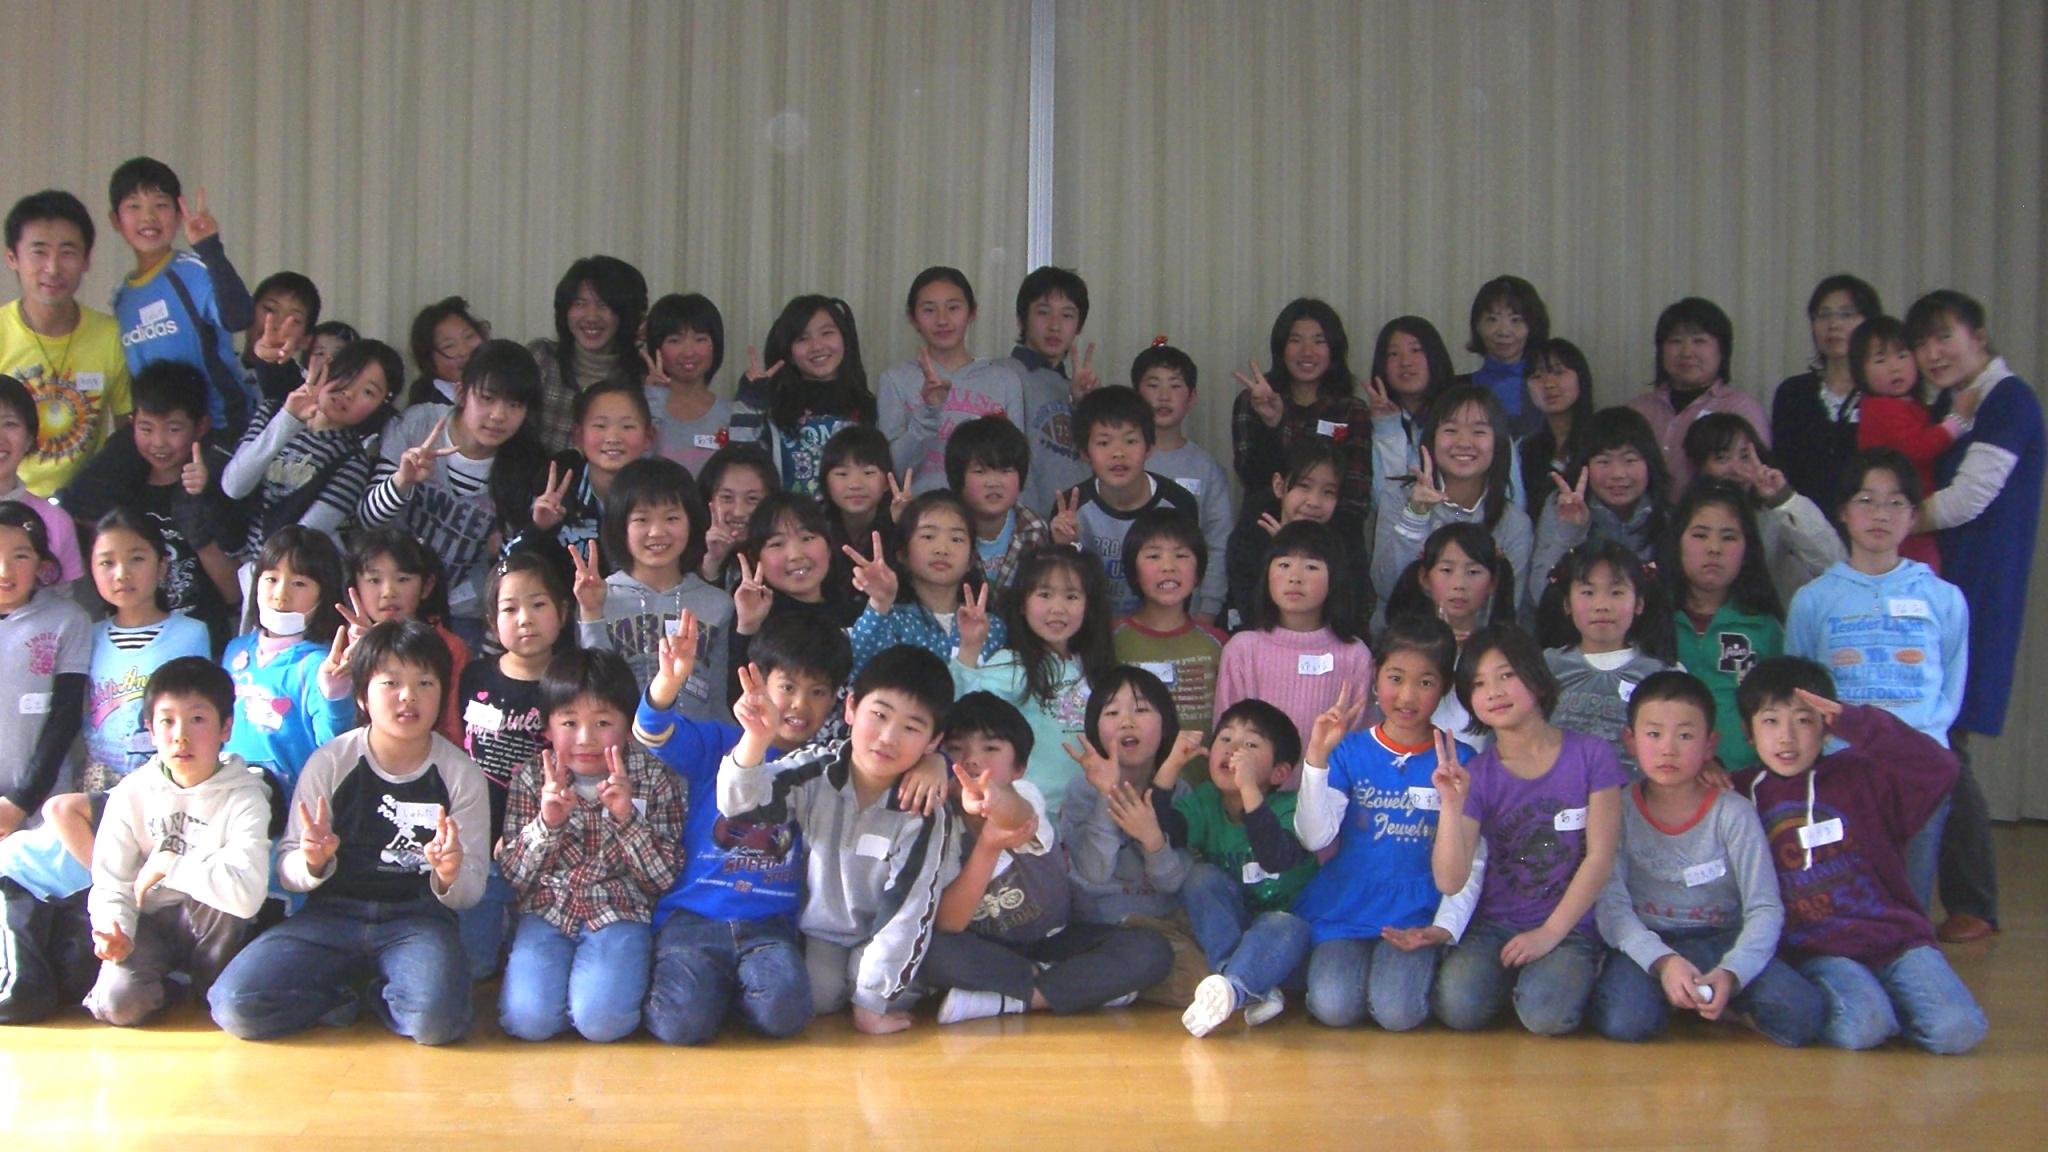 東林間にて「小学6年生を送る会」でドラムサークル開催!